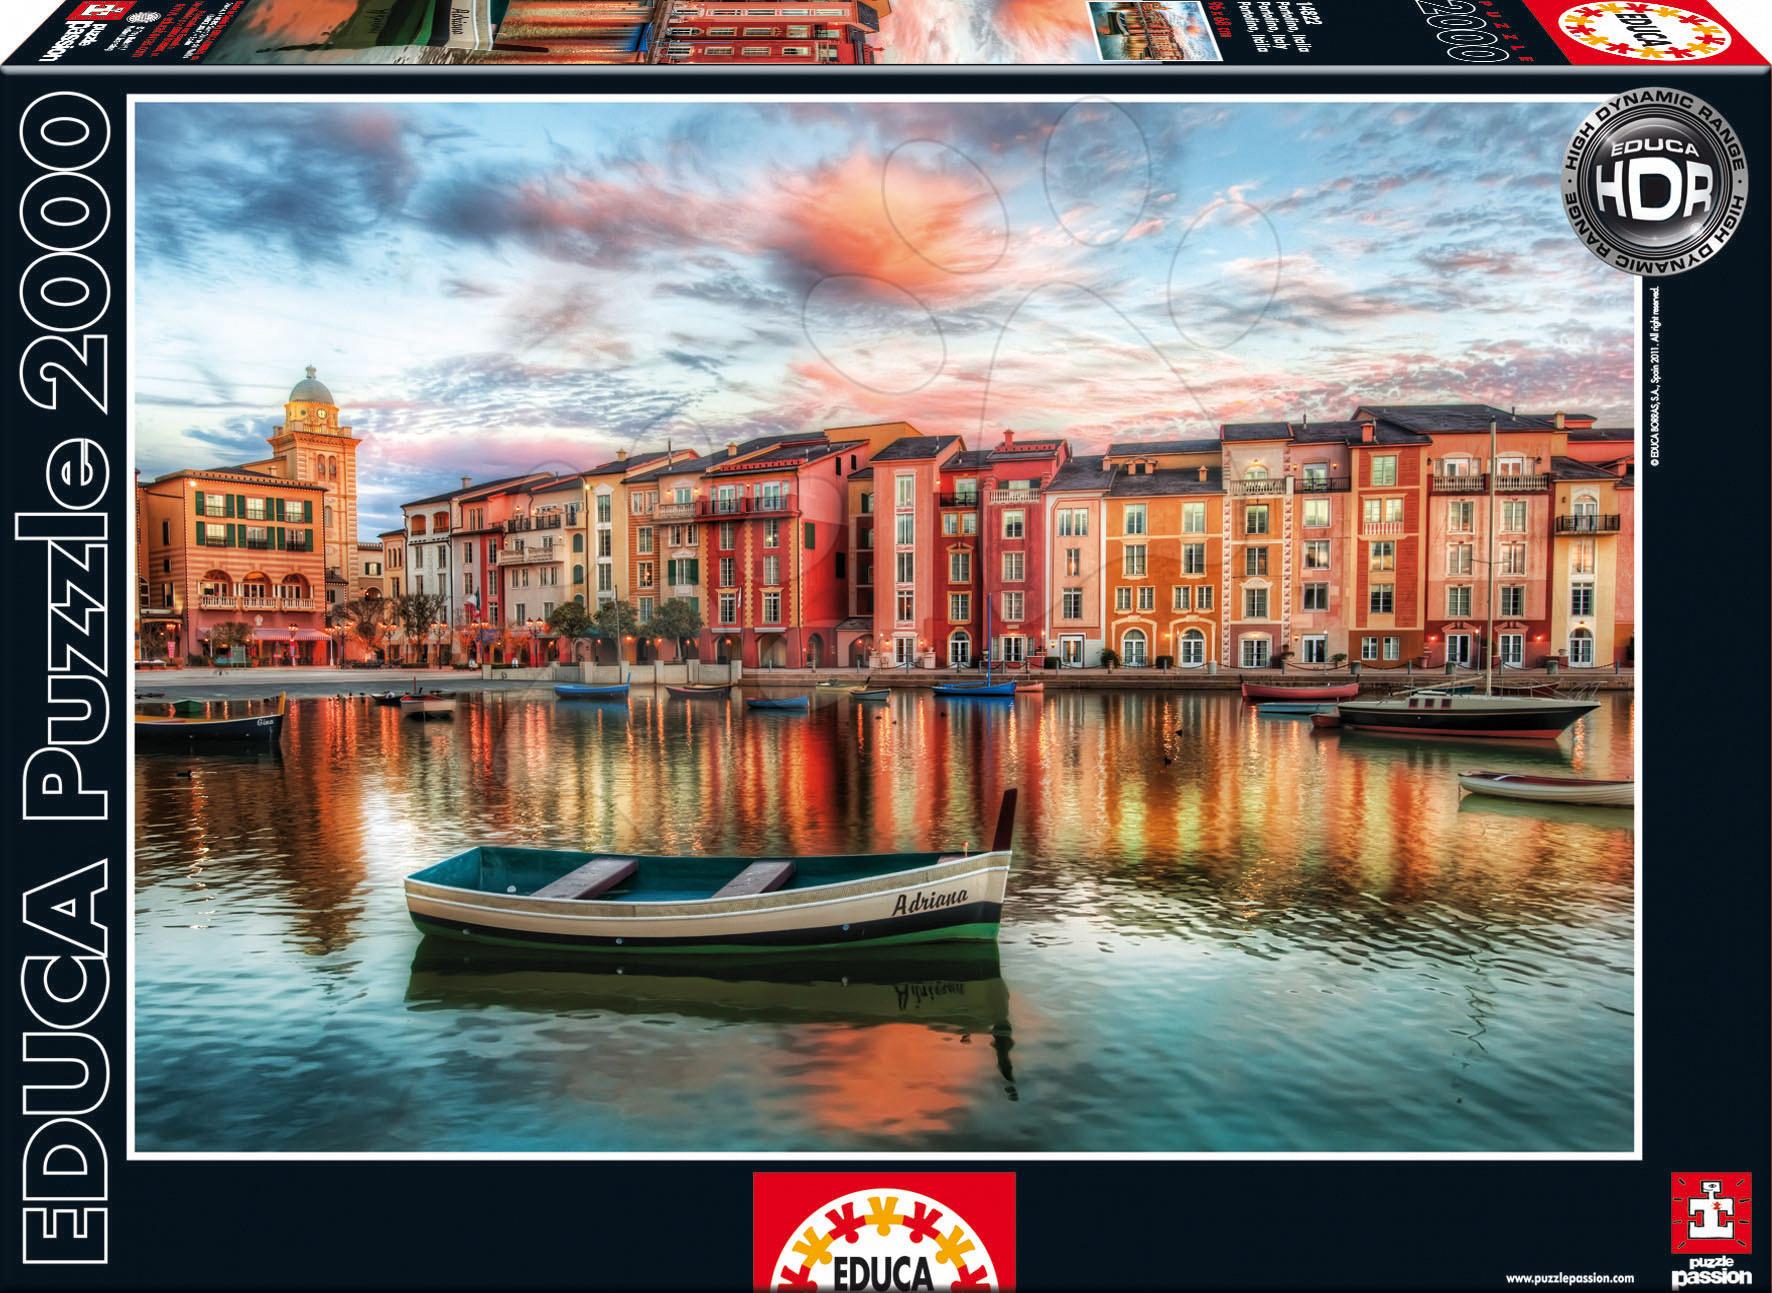 Stari vnosi - Educa 14822 PUZZLE 2000 delov Portofino / Italia / 96 x 68 cm + FIX PUZZLE LEPILO